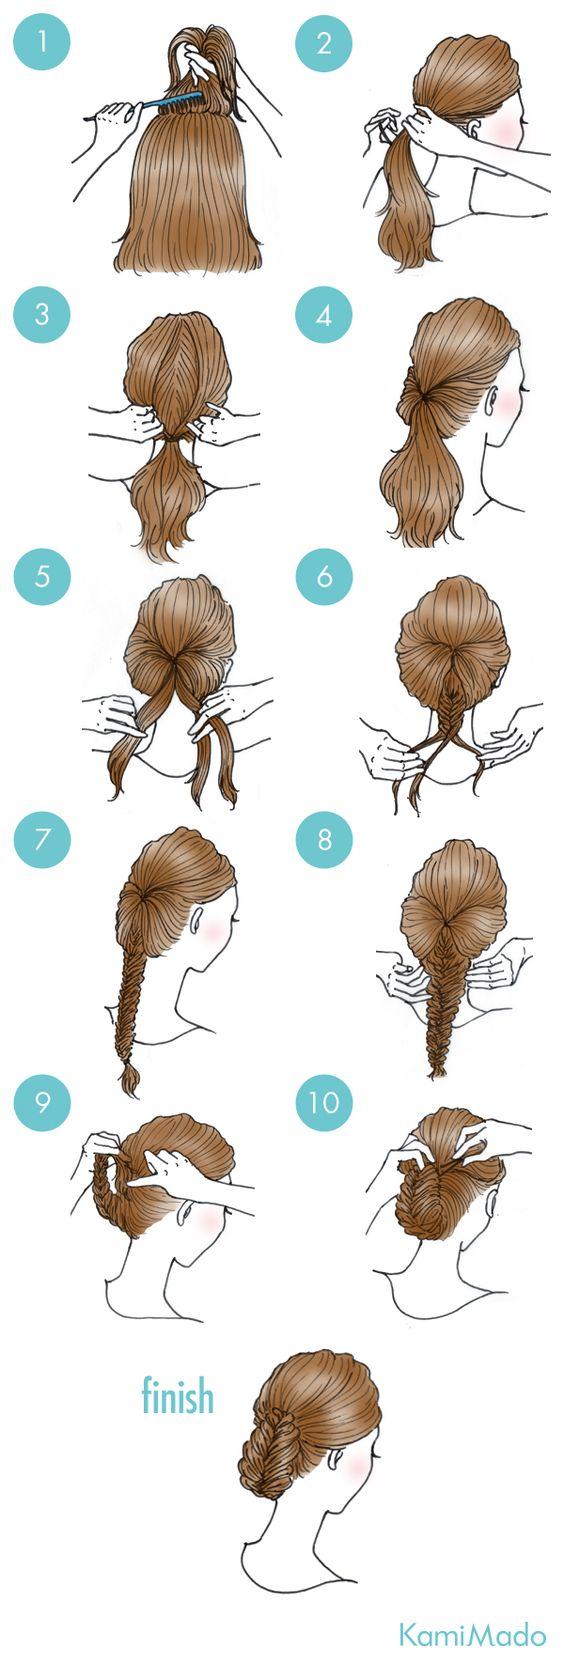 Tutorial de penteado com rabo de cavalo invertido e trança embutida.: